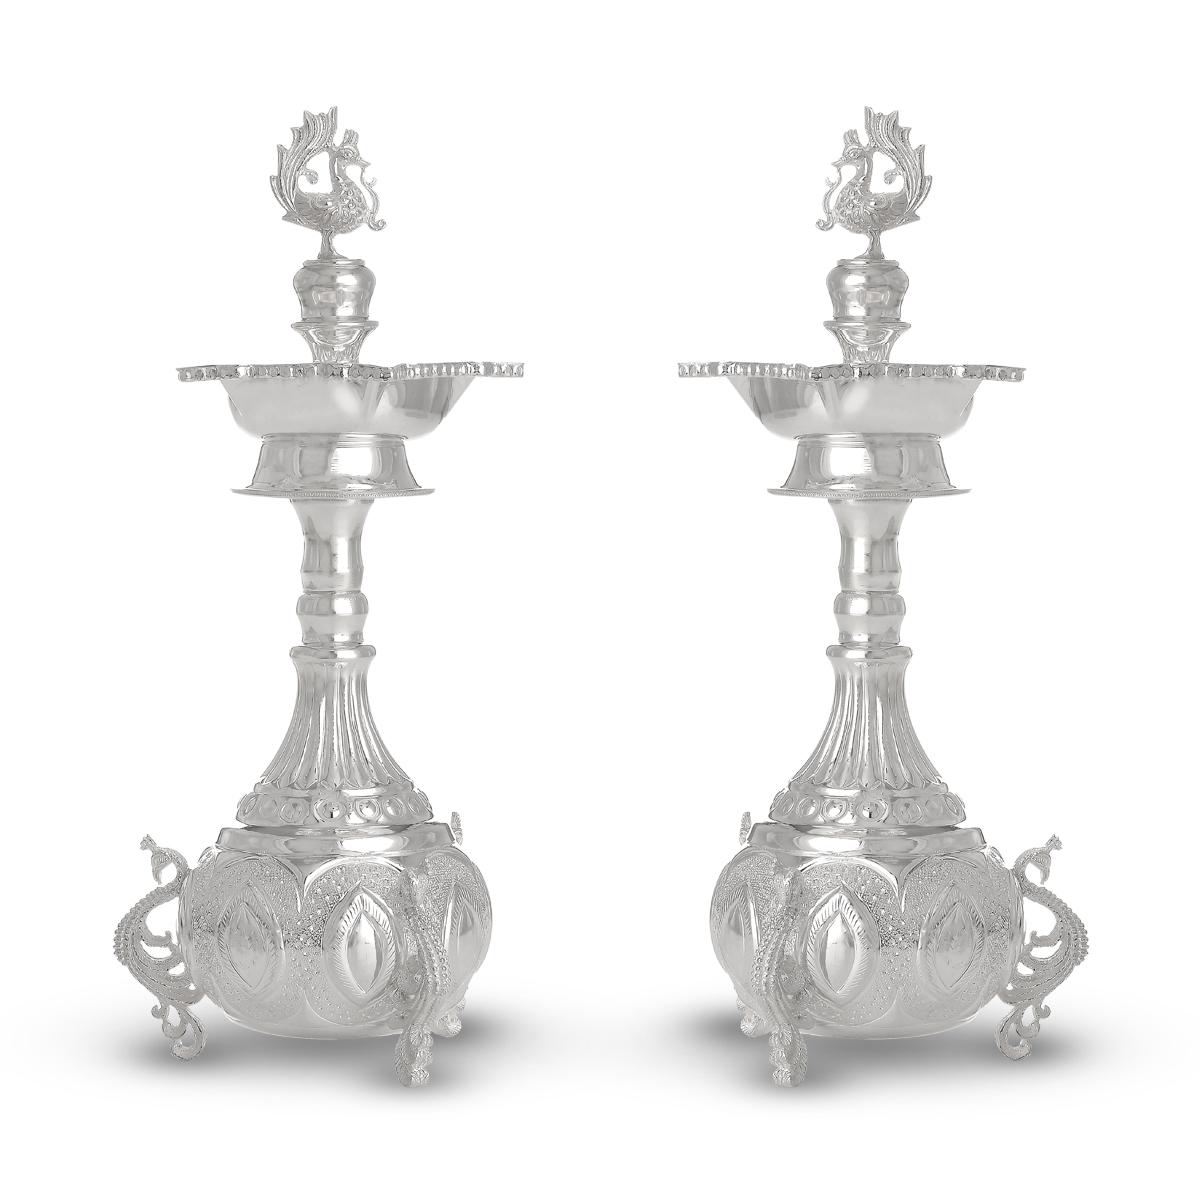 Pavan Silver Lamp